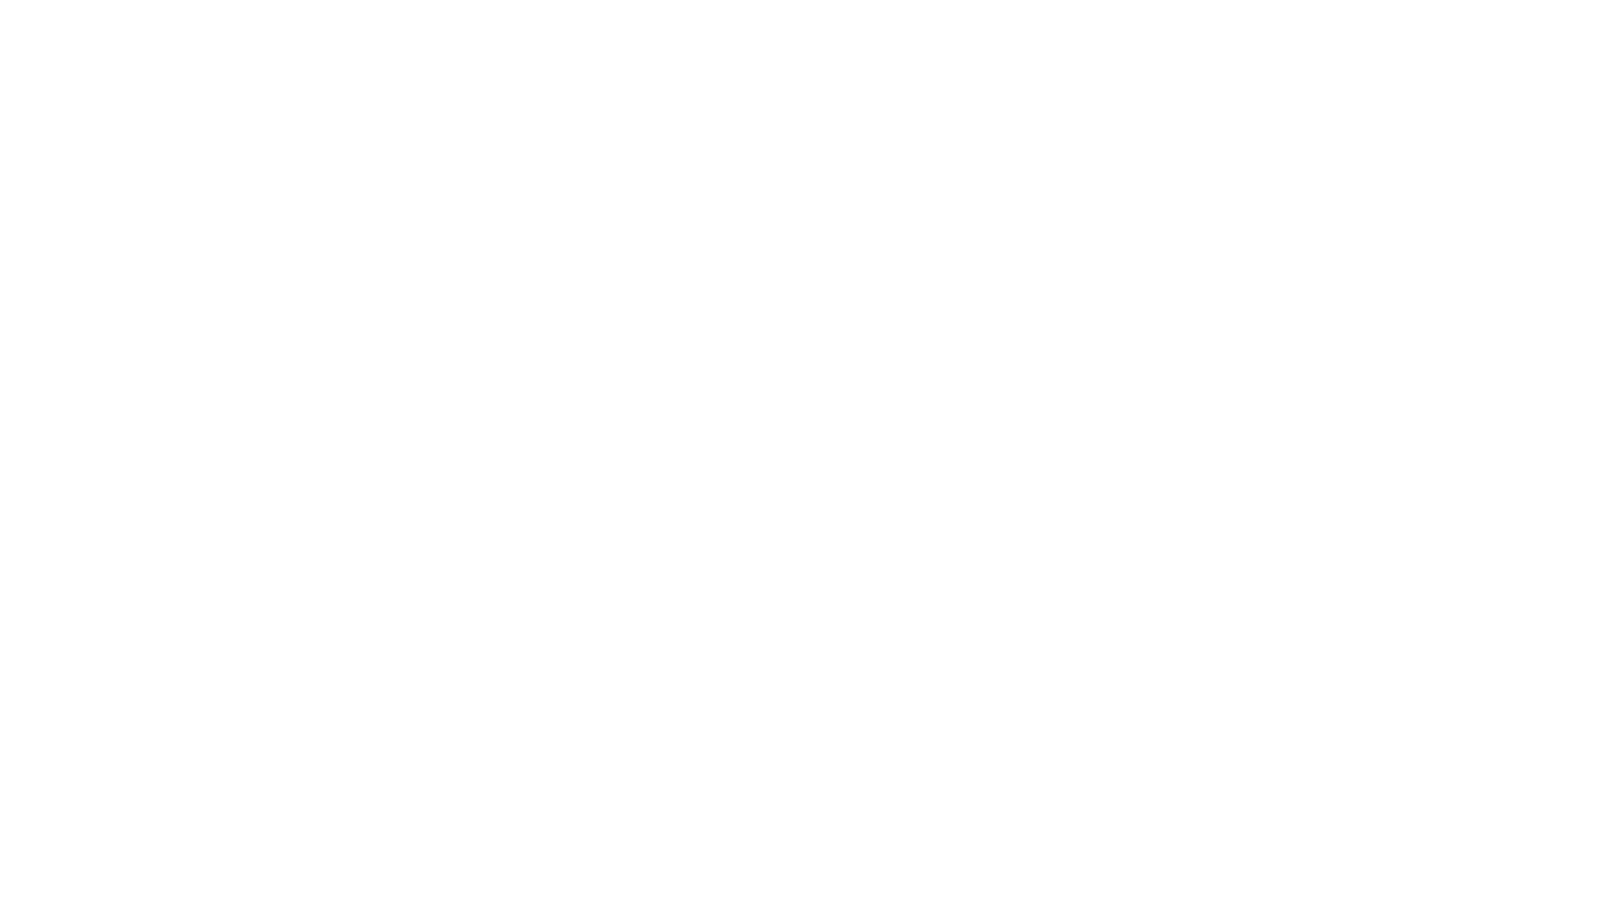 """Jens Rabe spricht im Interview mit Frank Thelen über die Zukunft, dessen neuen Fond und den Möglichkeiten die dieser bietet.  Vereinbare jetzt dein kostenfreies Beratungsgespräch: https://jensrabe.de/NachgefragtWasKannDerFondsVonFrankThelen  Schaut auf dem neuen Instagram-Account vorbei: @jensrabe_official https://www.instagram.com/jensrabe_official/  Newsletter https://jensrabe.de/newsletter-yt  Hinweis: Derzeit wird unser Kanal von Bots mit dem Namen """"Jens Rabe"""" kommentiert. Echte Kommentare von Jens Rabe sind ausschließlich grau unterlegt"""